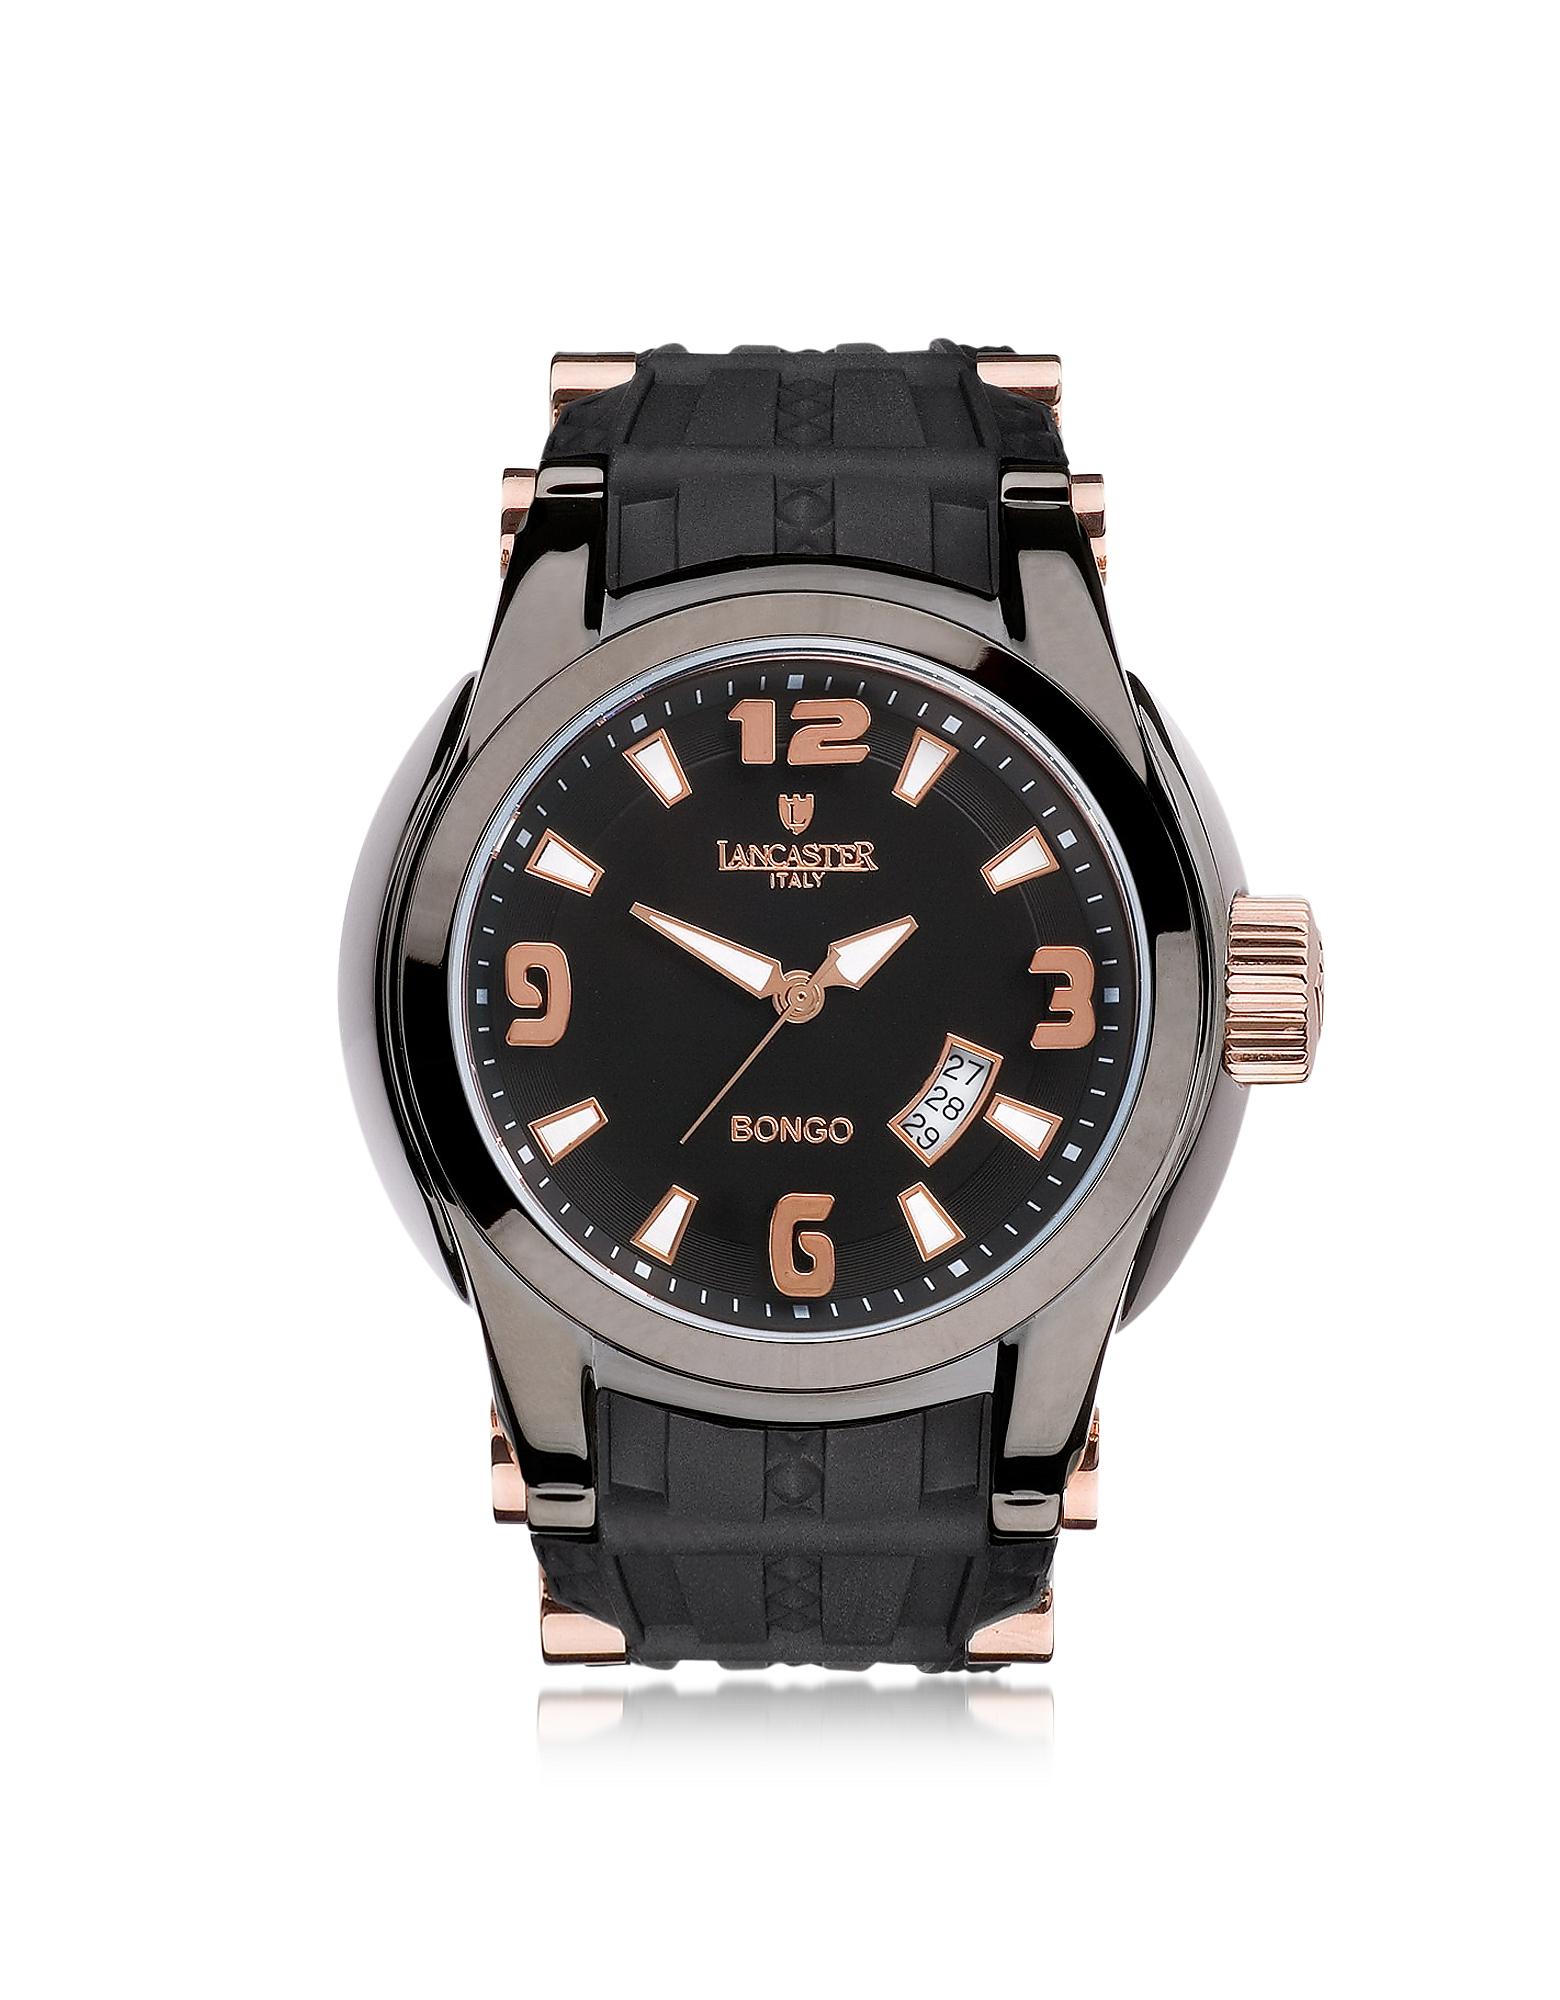 Lancaster Bongo Tempo - Мужские Часы из Нержавеющей Стали на Черном Резиновом Ремешке